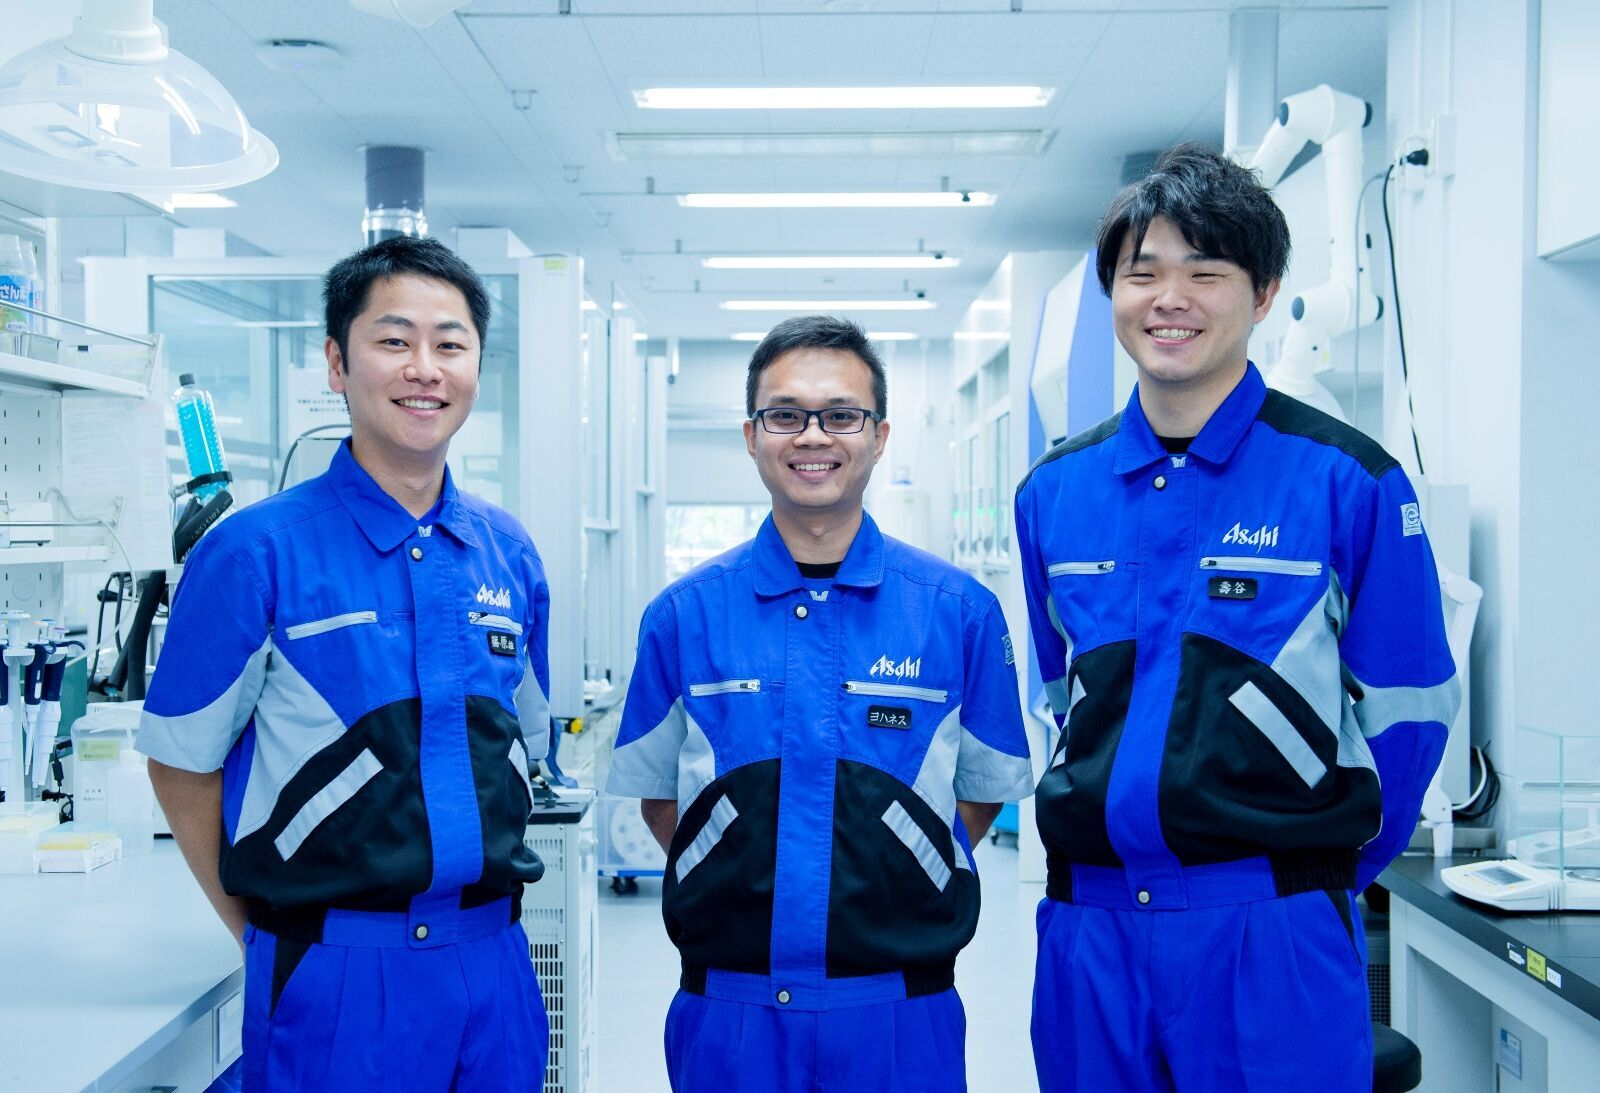 AQI食の安全研究所の研究員3名